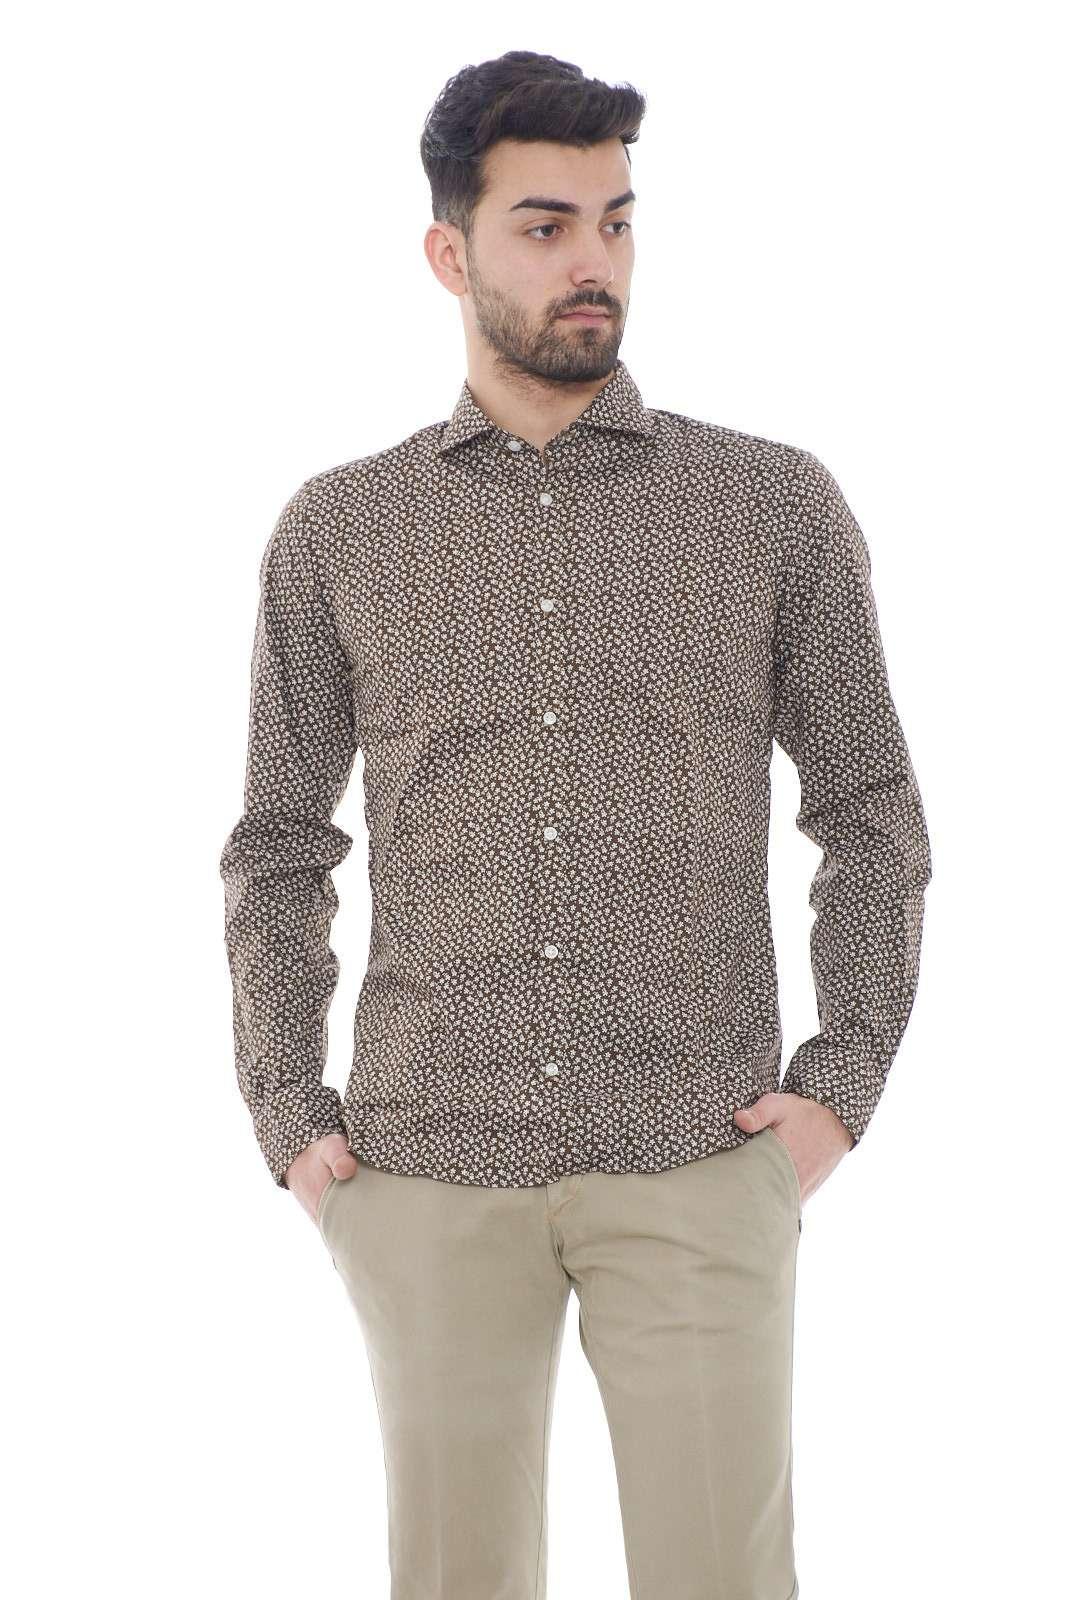 Una camicia semplice e comoda quella firmata Ego Milano. Con la fantasia floreale dà una marcia in più al tuo outfit.